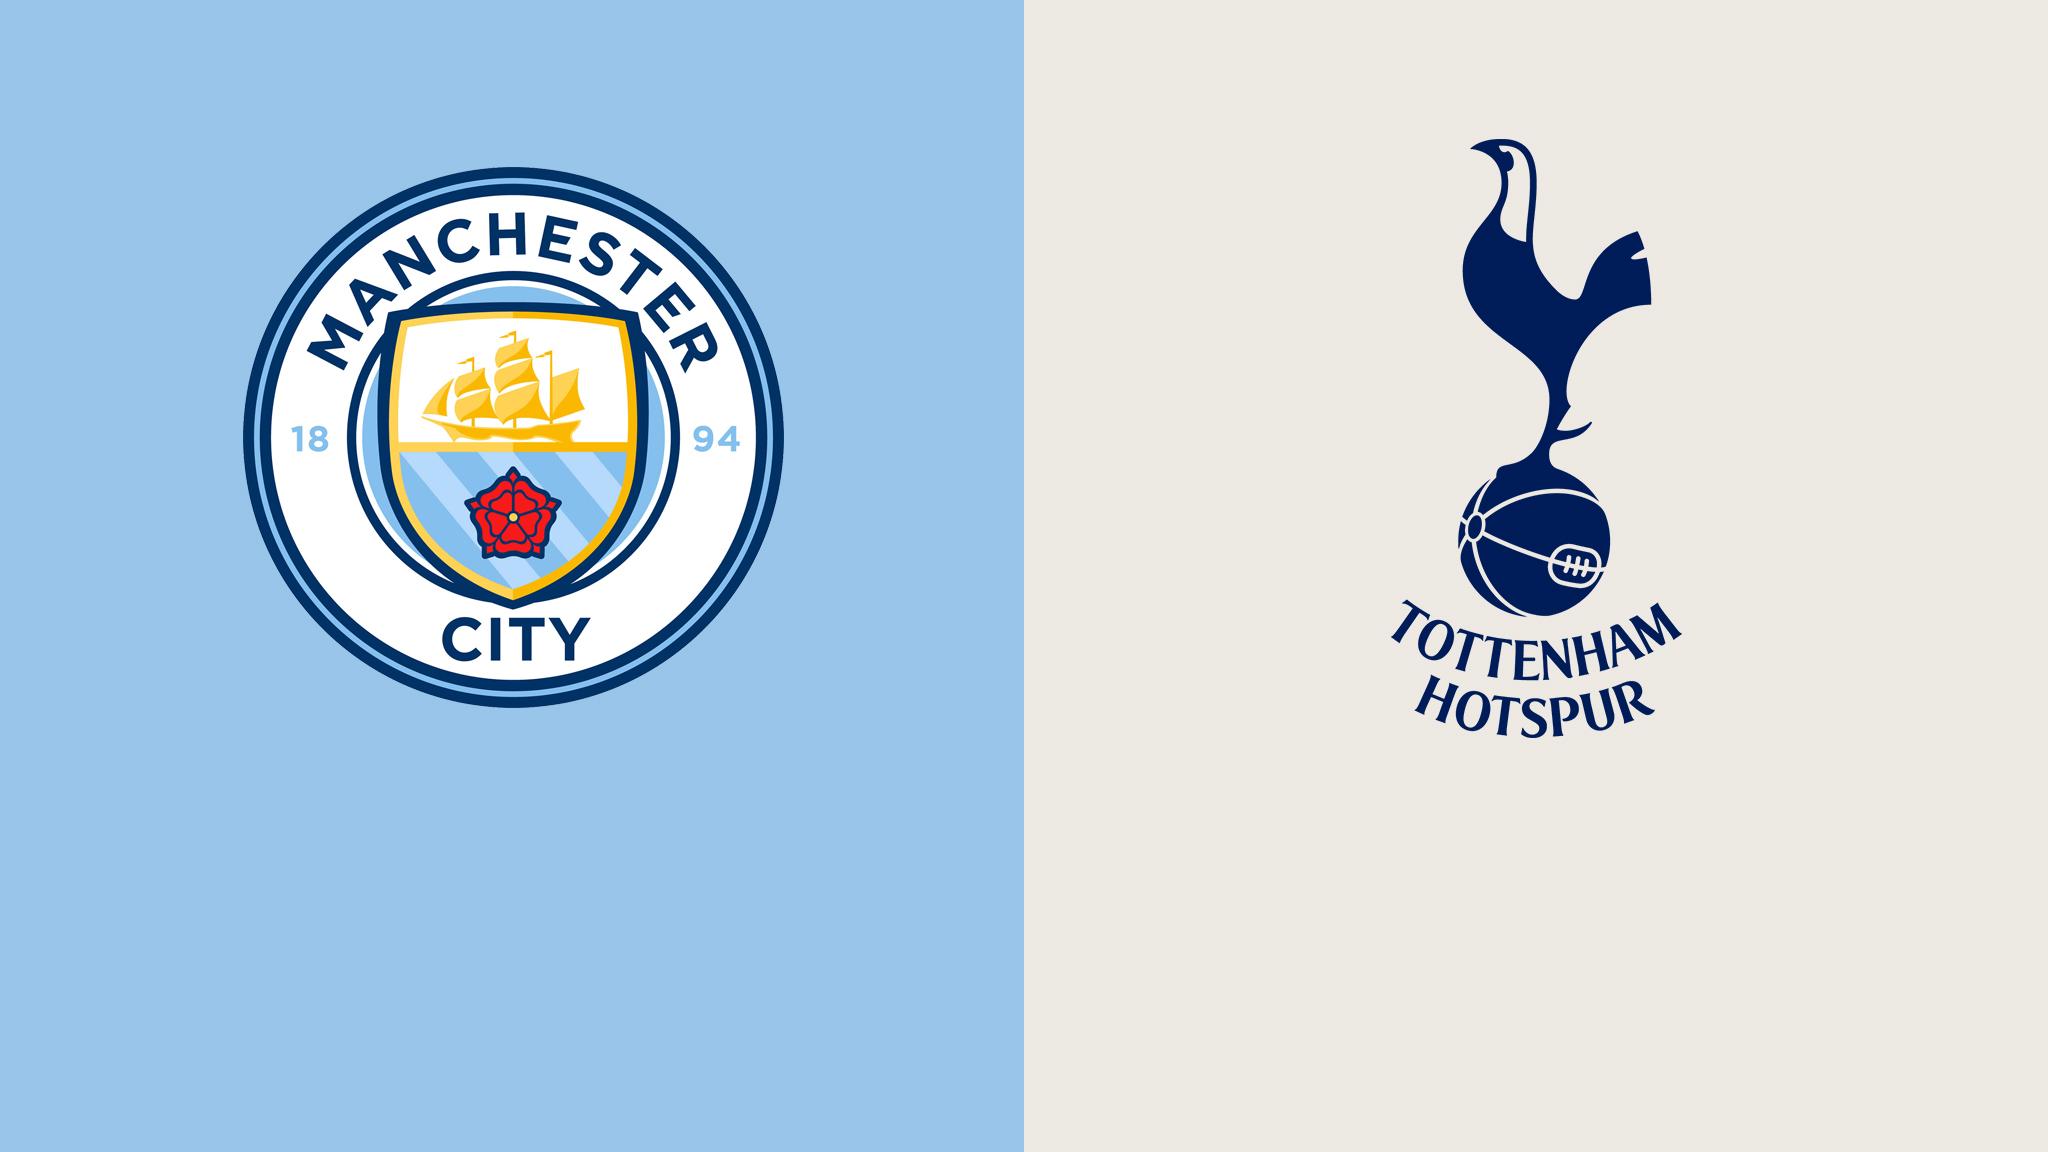 Manchester City vs Tottenham epl